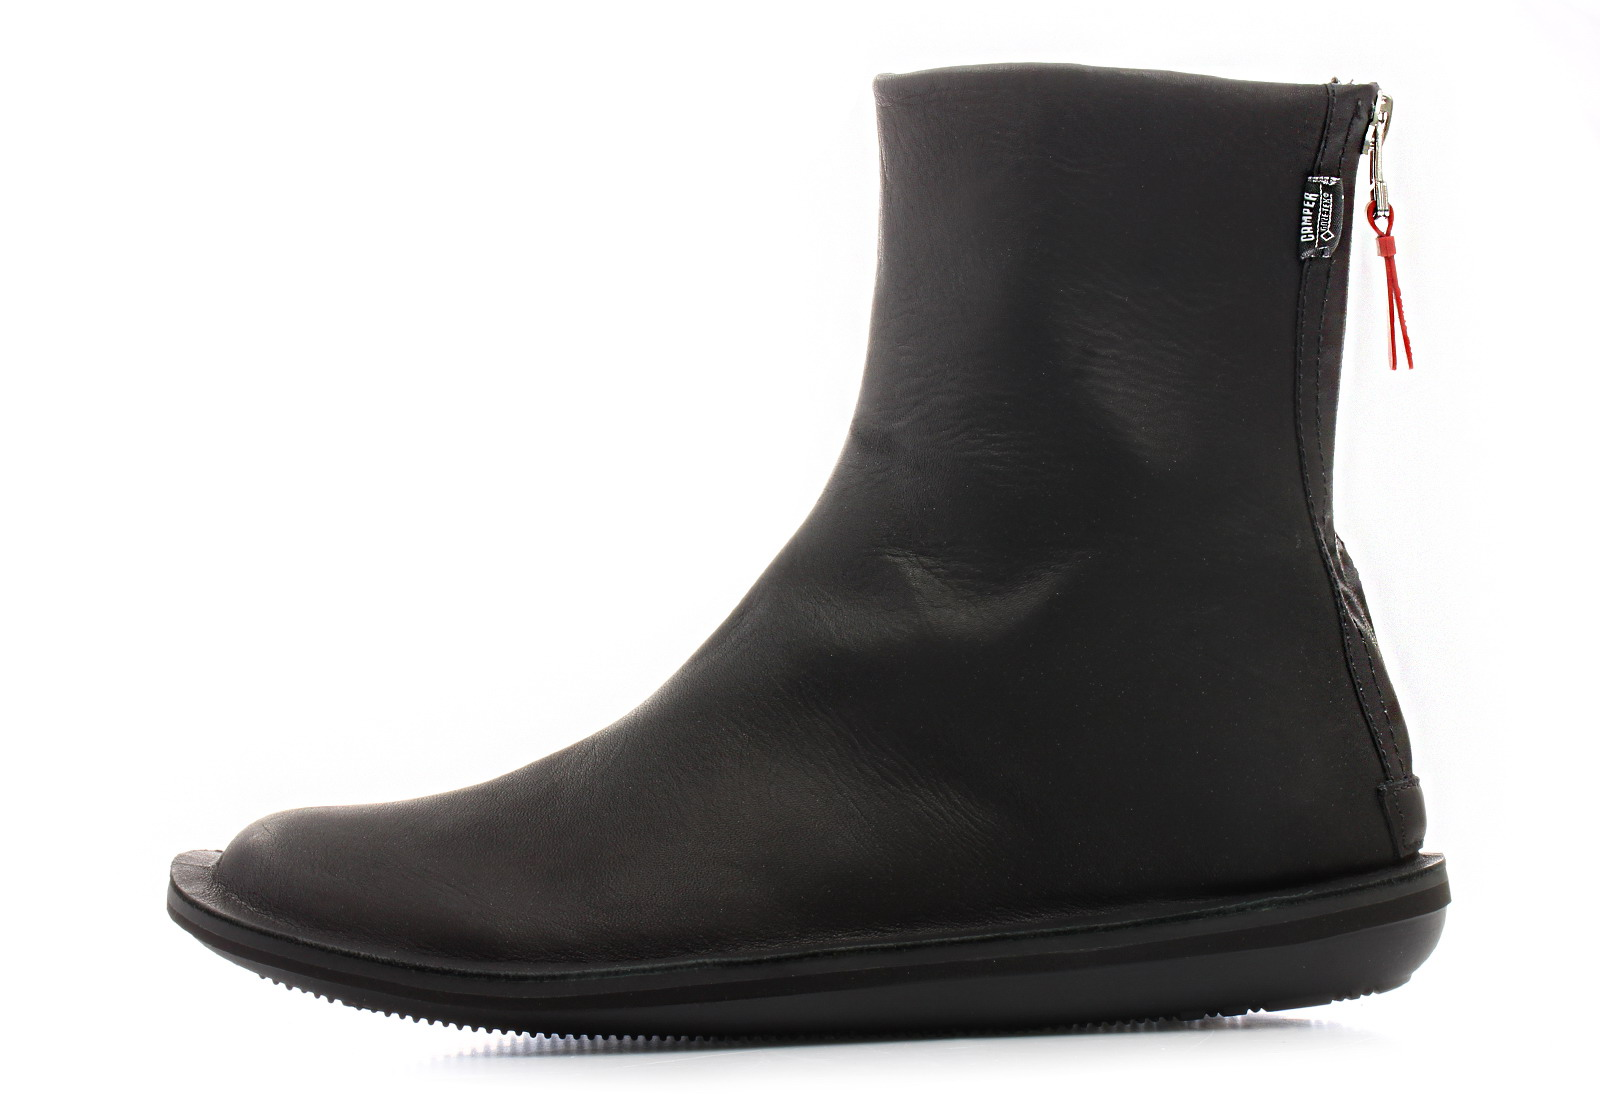 Camper Boots - Beetle - K400240-001 - Online shop for